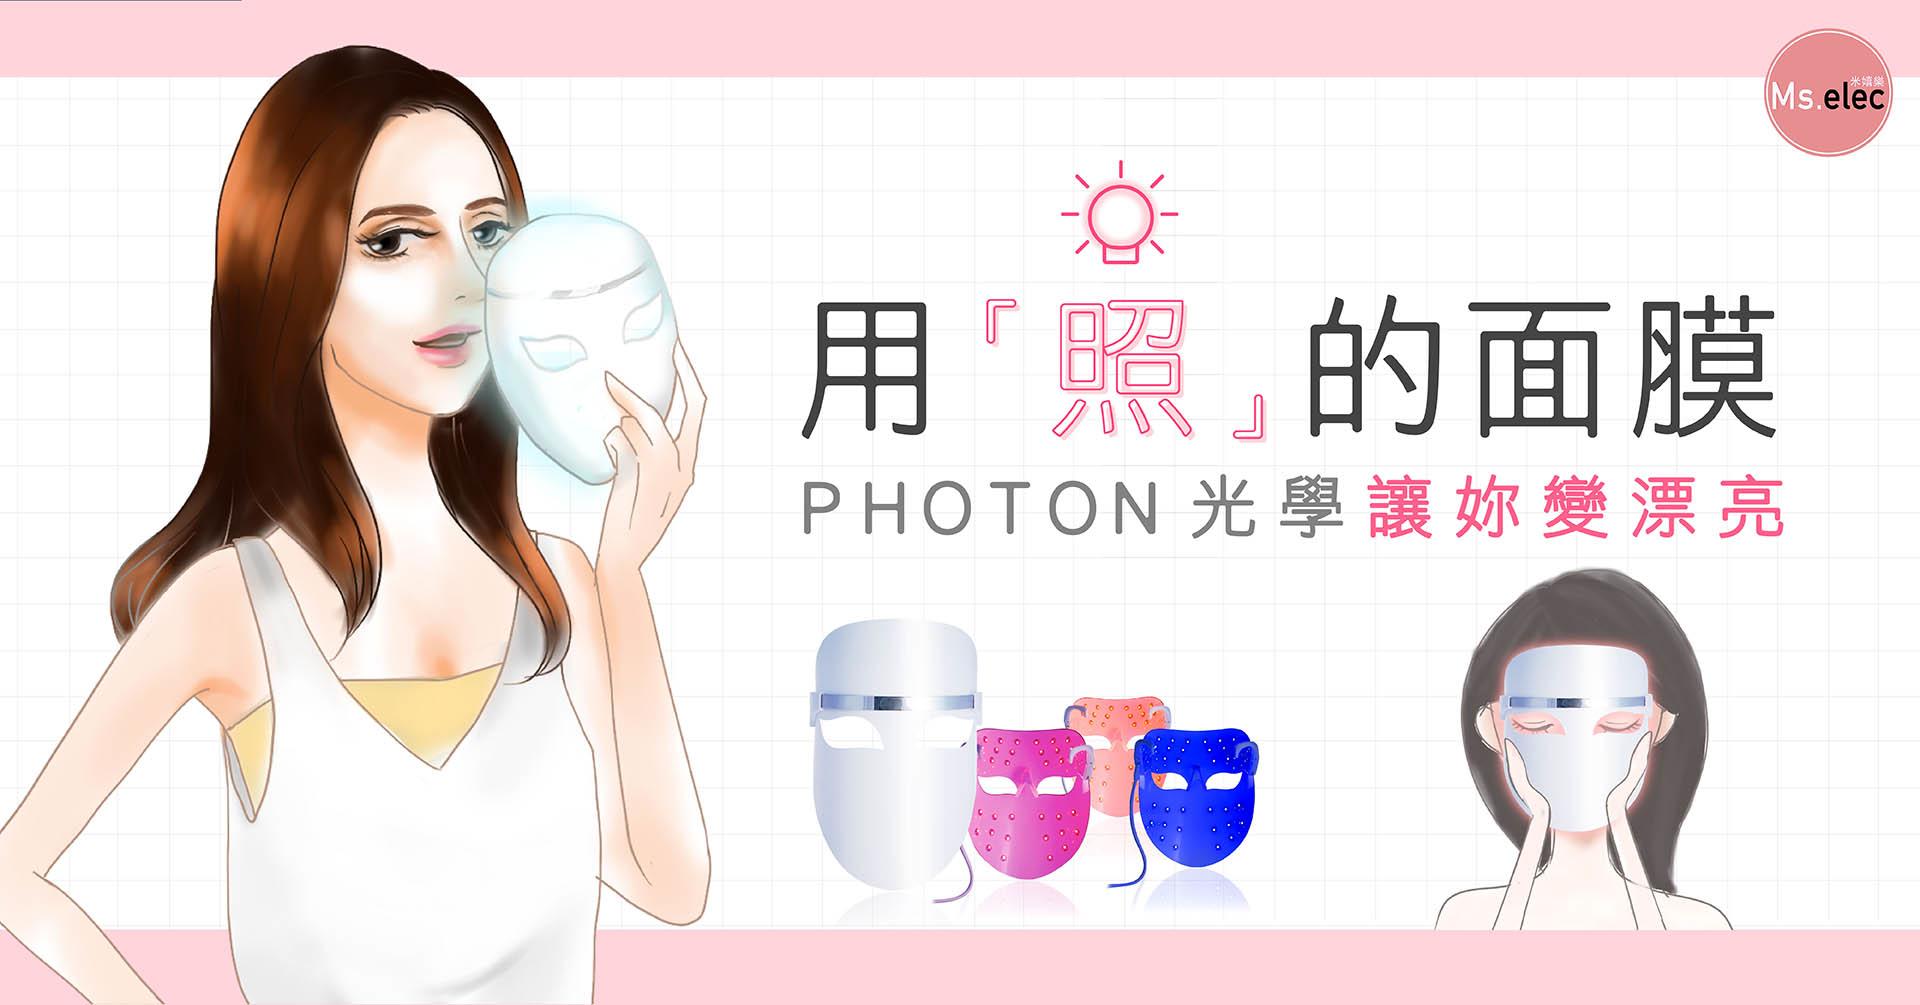 用「照」的面膜,Photon 光學讓妳變漂亮,亮顏光學面膜,Mselec米嬉樂LED面膜,美容儀,導入儀